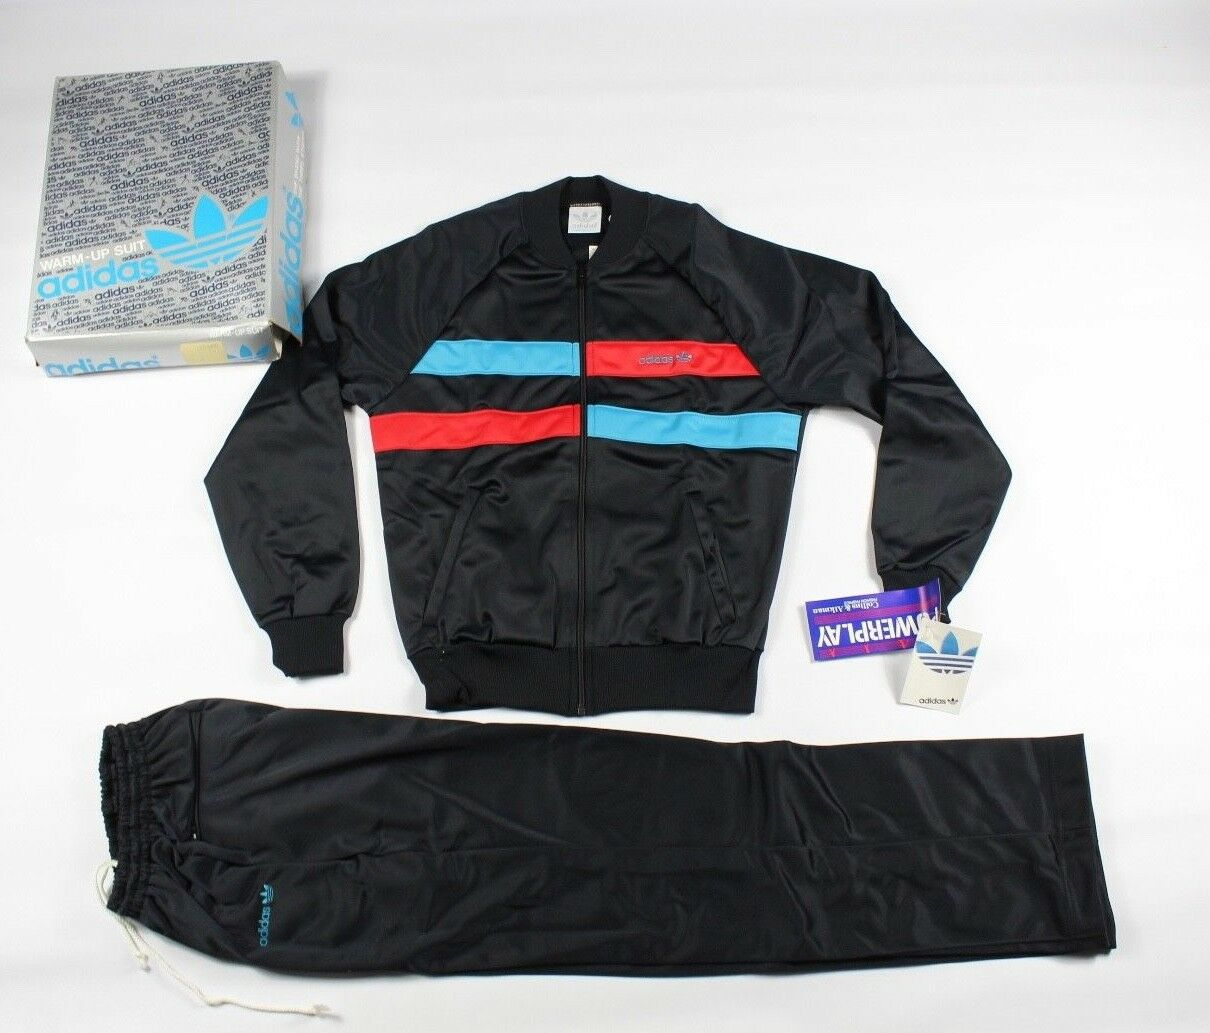 Vtg New 80s Adidas Grand Sort Spell Out Trèfle 2 Pièces Run DMC Survêtement Noir